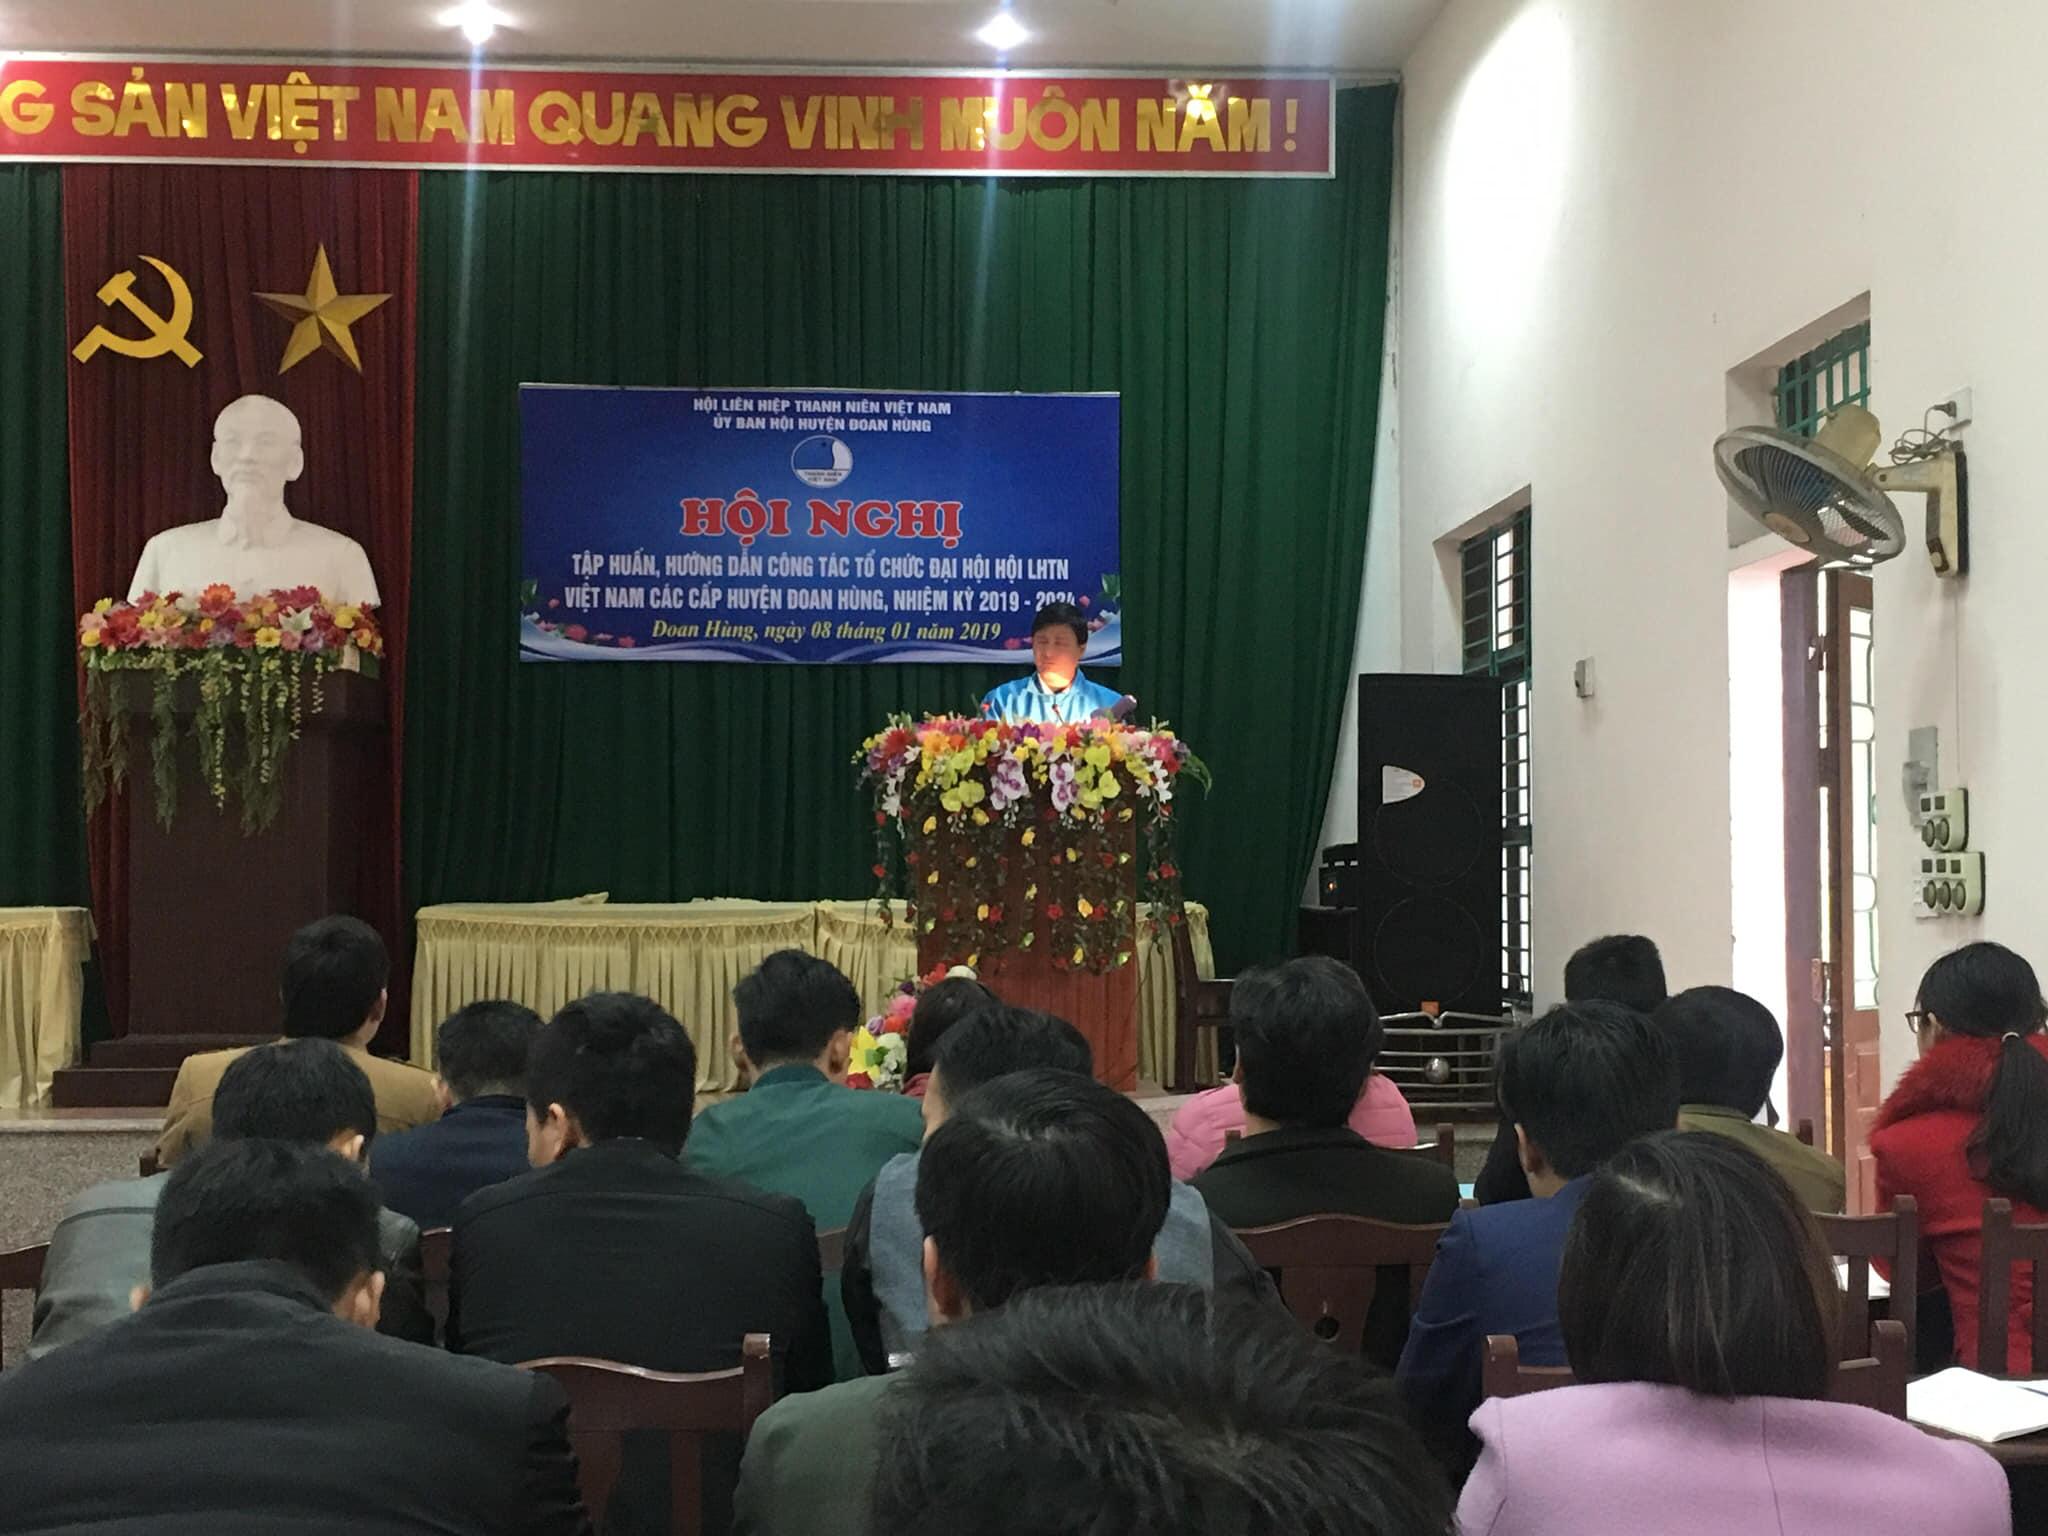 Đoan Hùng: Tổ chức Hội nghị tập huấn chuẩn bị Đại hội Hội LHTN Việt Nam các cấp nhiệm kỳ 2019-2024